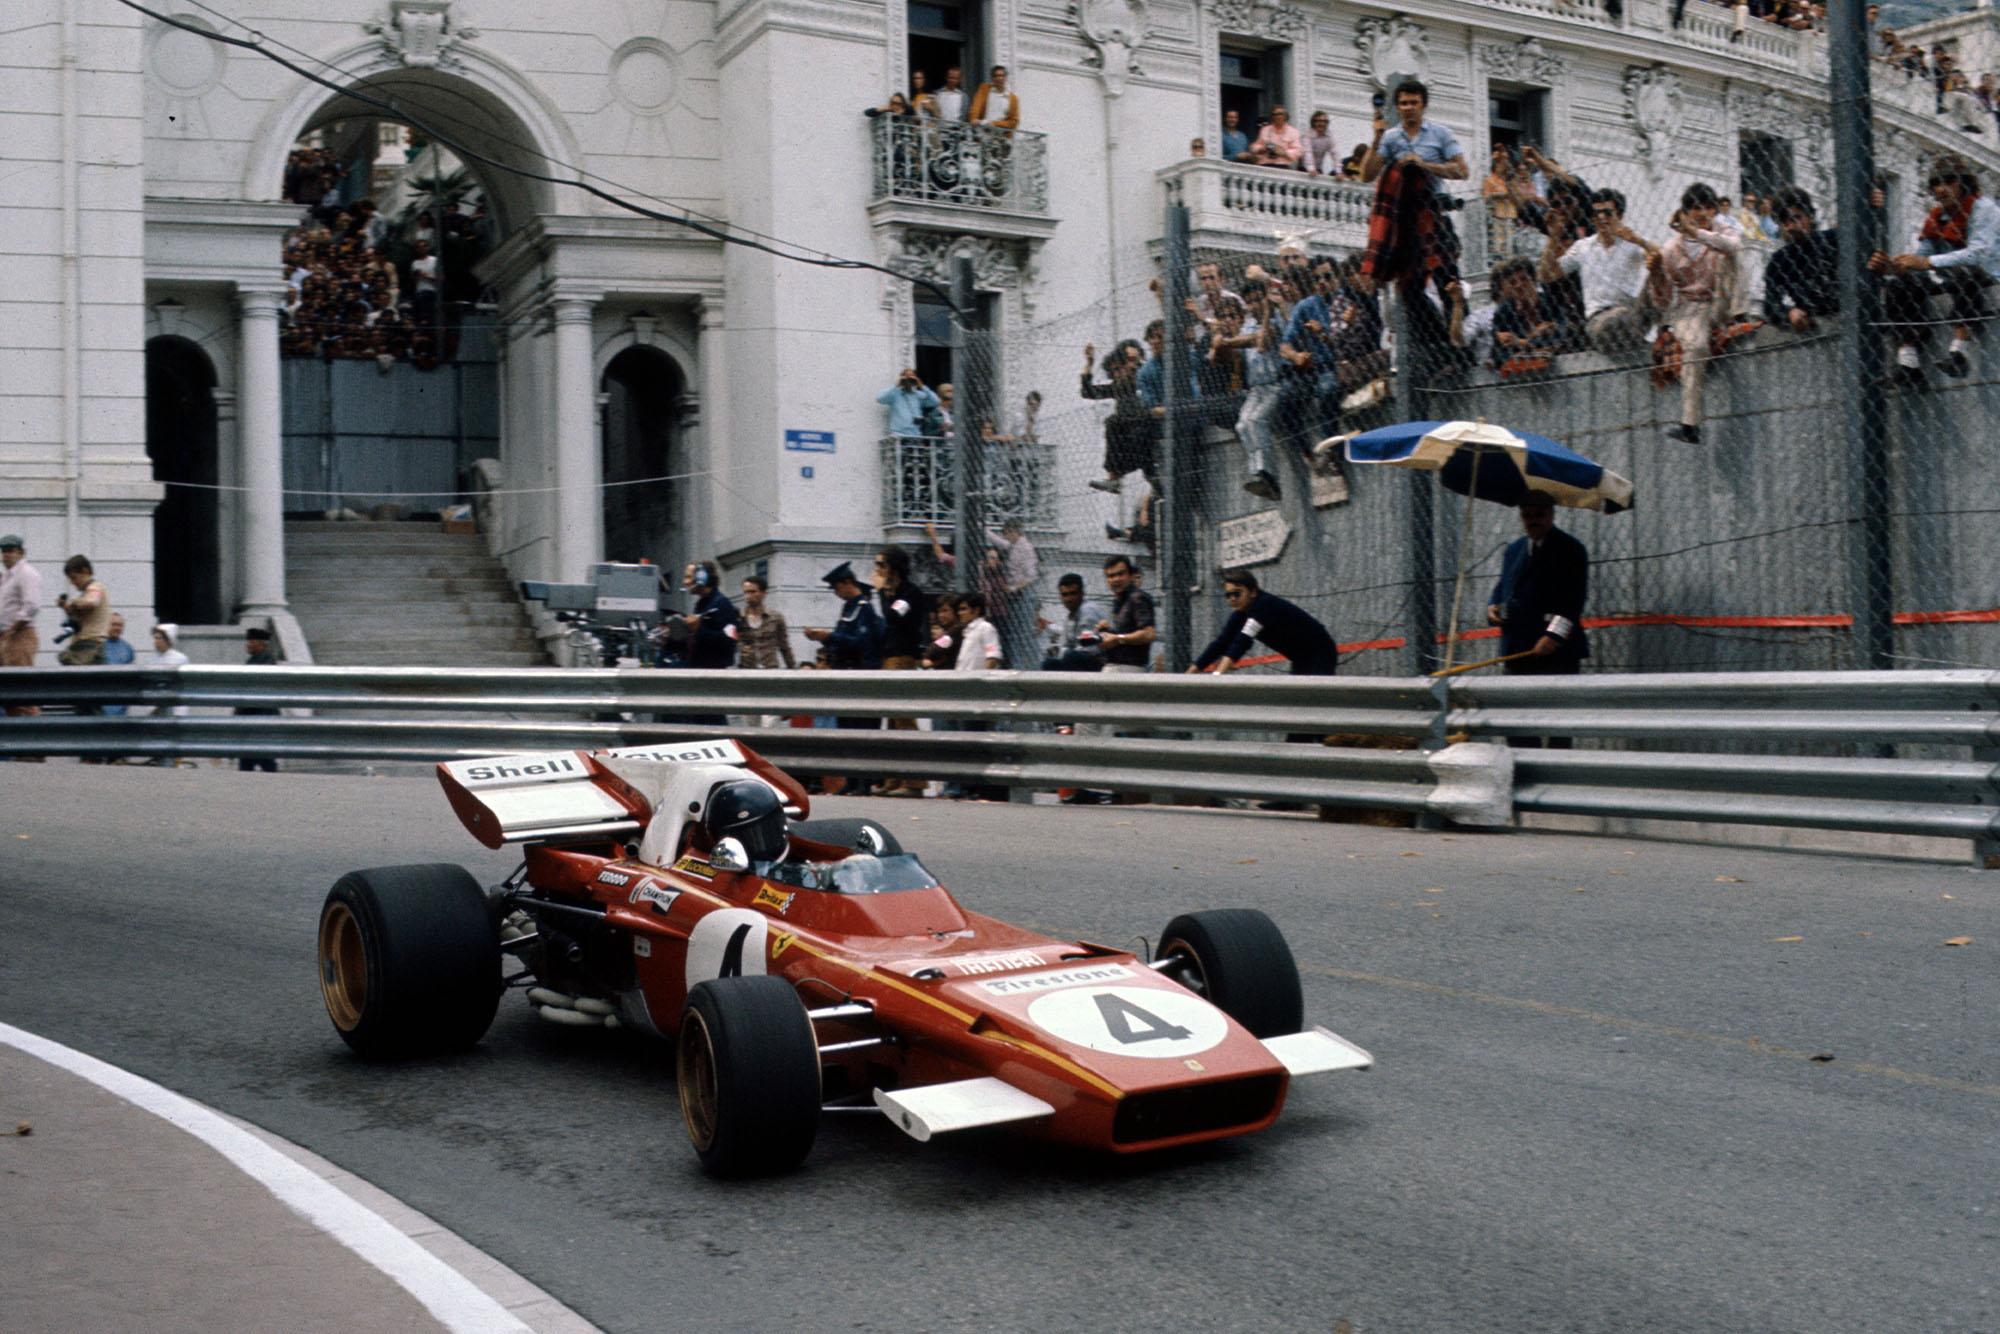 Jacky Ickx driving at the 1971 Monaco Grand Prix for Ferrari